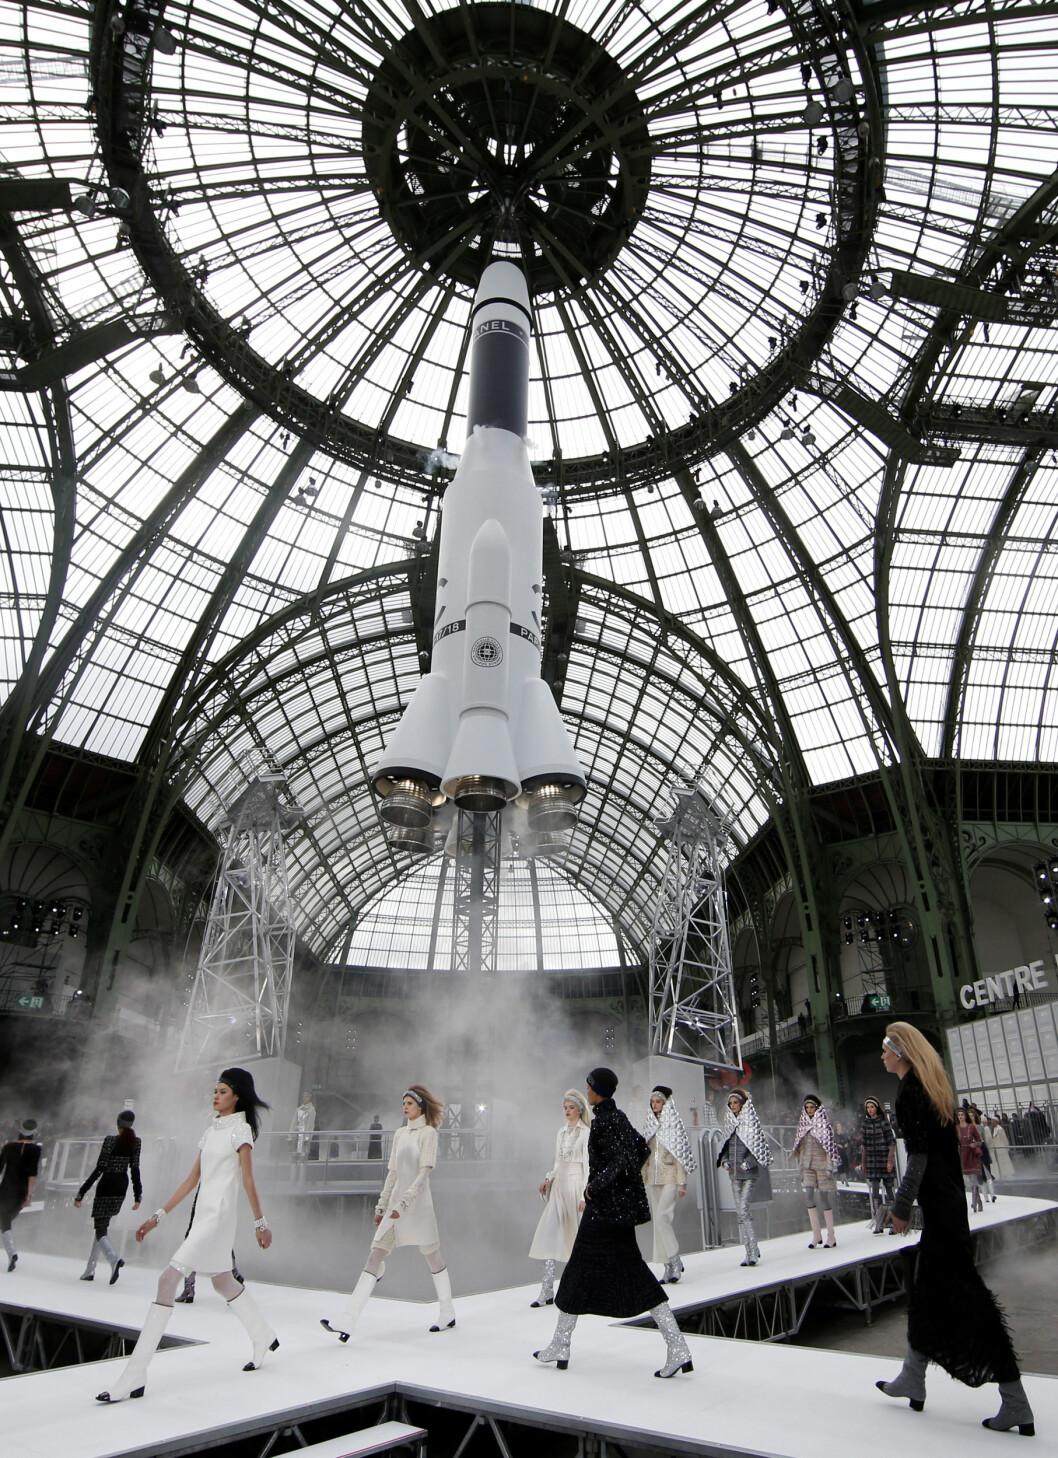 SPEKTAKULÆRT: Dette er fra visningen til Chanel - helt utrolig! Foto: Reuters